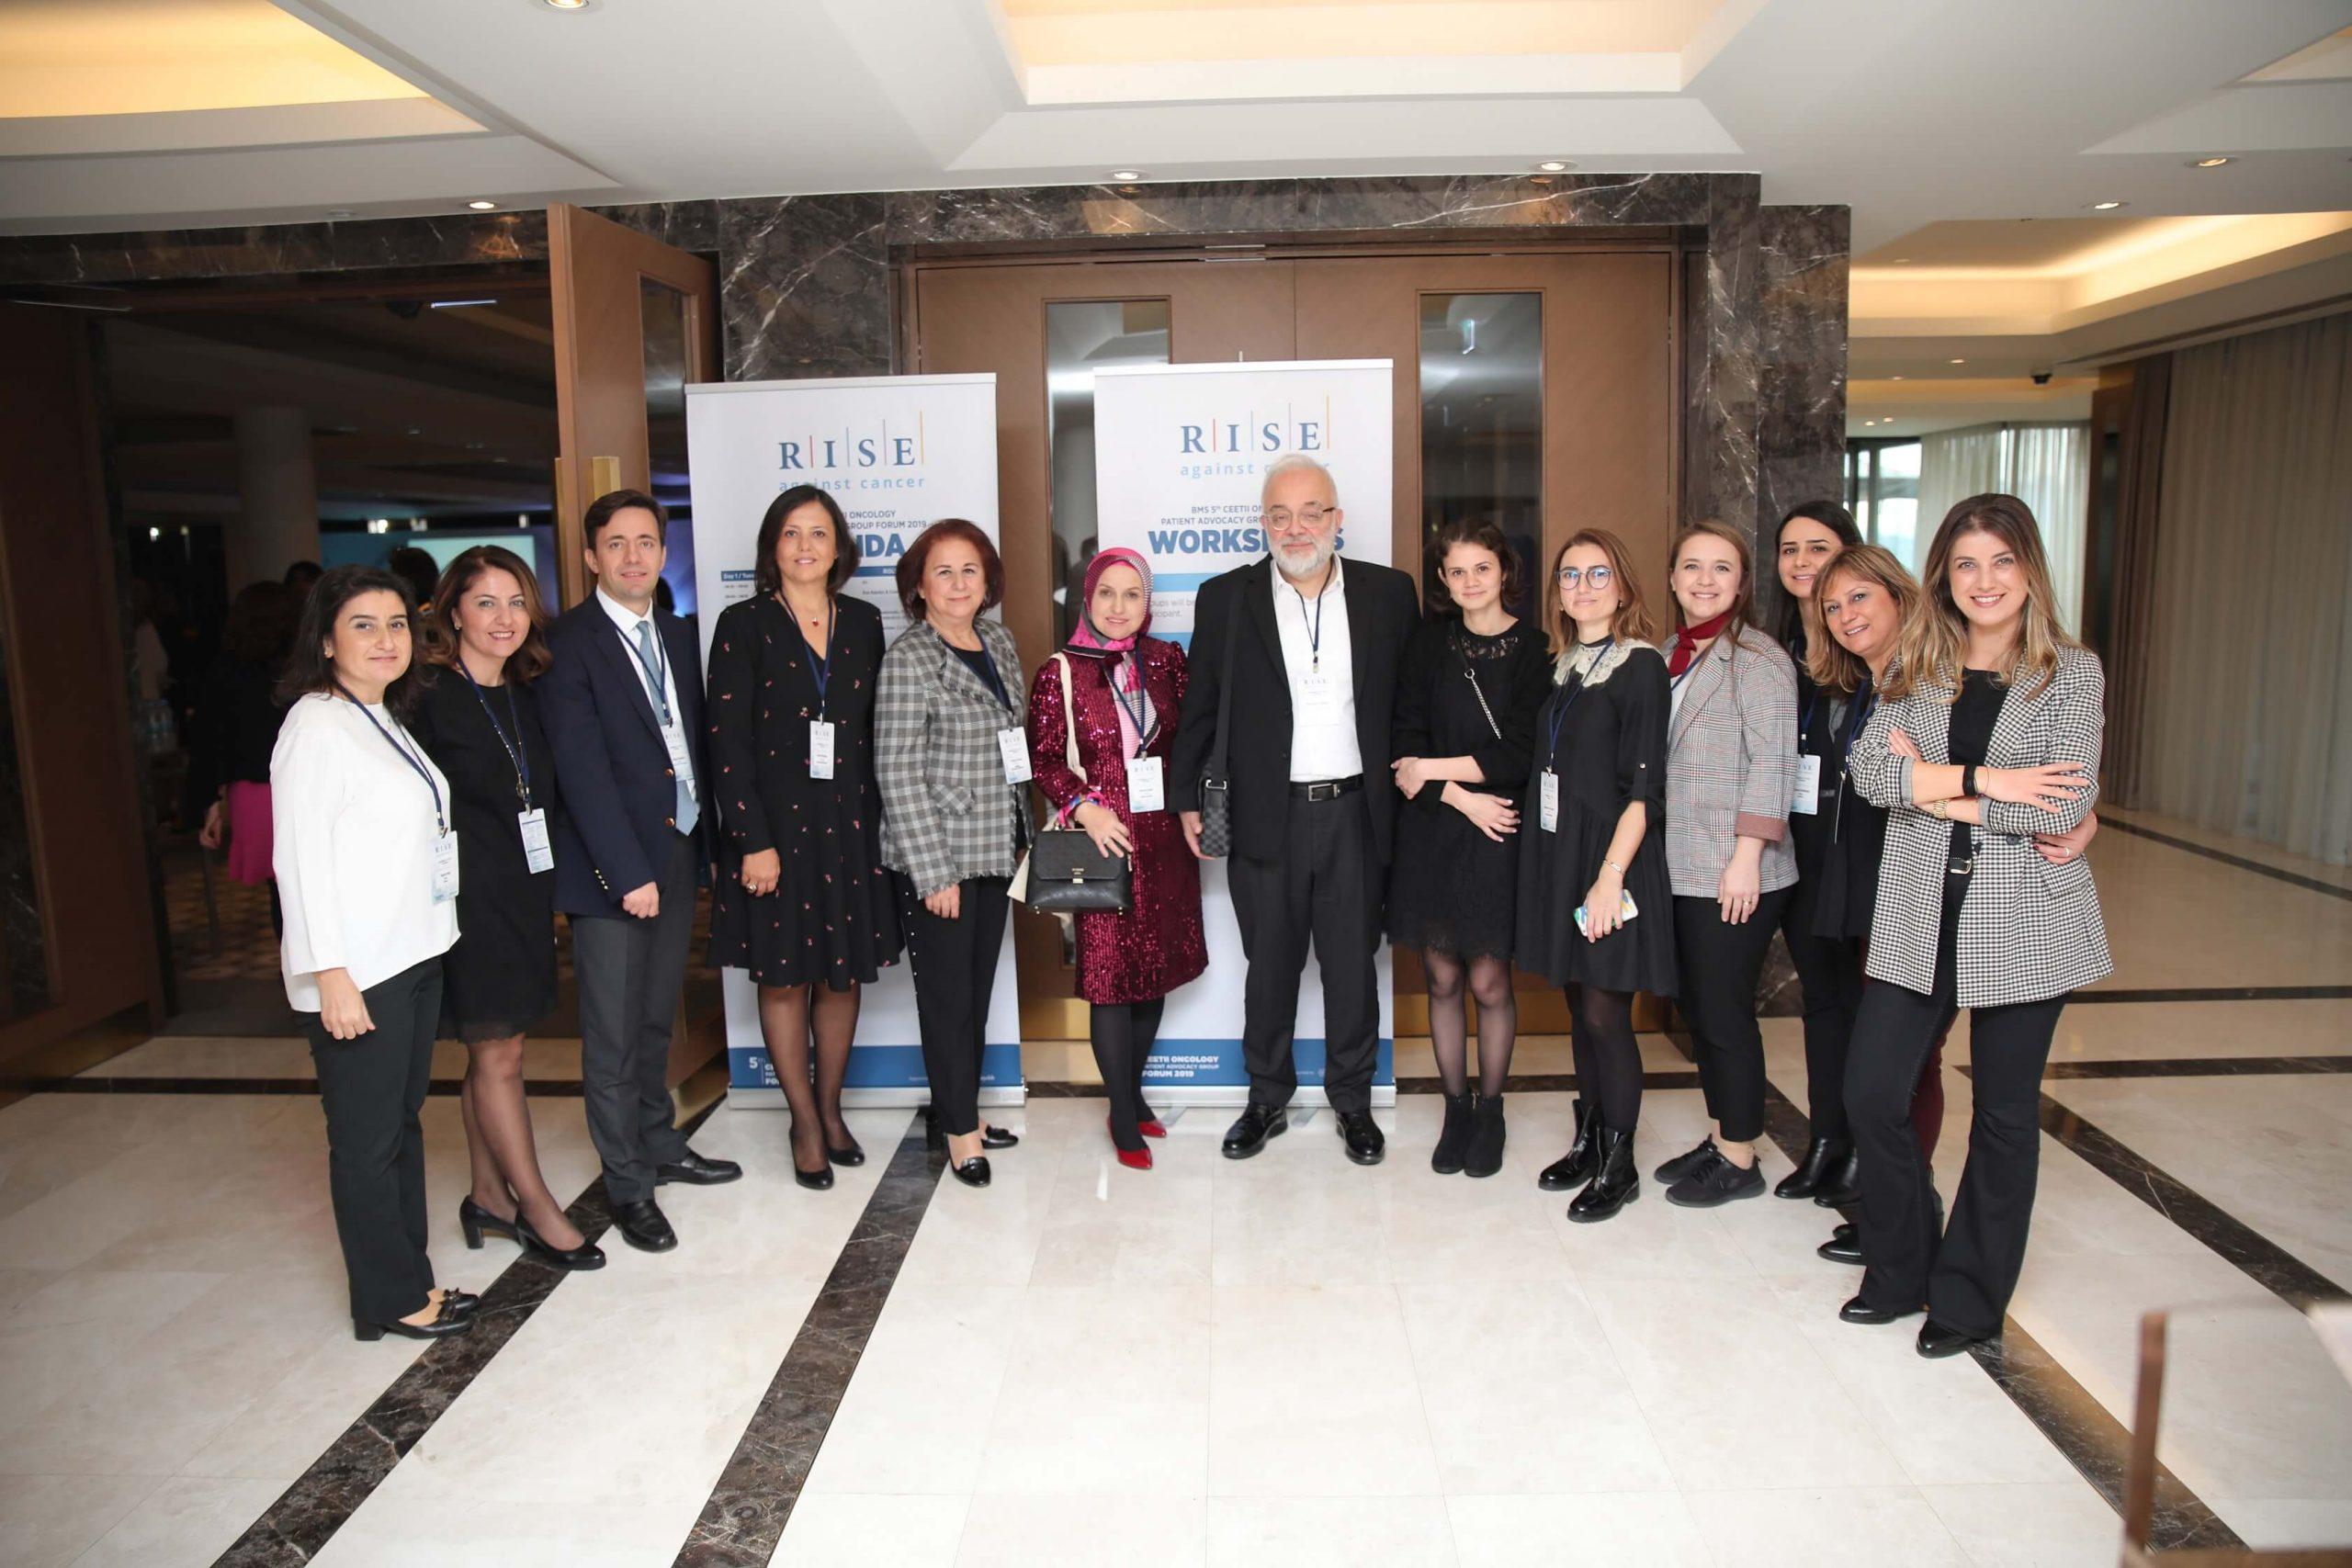 İmmüno-onkolojik tedavilerin ülkemize kazandırılmasında öncü bir rol üstlenen Bristol-Myers Squibb (BMS), 3-4 Aralık tarihlerinde ilk kez Türkiye'de gerçekleştirilen CEETII bölgesinden 8 farklı ülkeden 31 hasta derneğinin de katılım gösterdiği 5. Onkoloji Hasta Derneği Zirvesi'ne katıldı.Hasta derneklerini daha da geliştirecek, hastalara umut ışığı olacak, birbirinden önemli projelerin bir araya geldiği zirvenin bu yılki temasınıR.I.S.E Against Cancer oluşturdu.